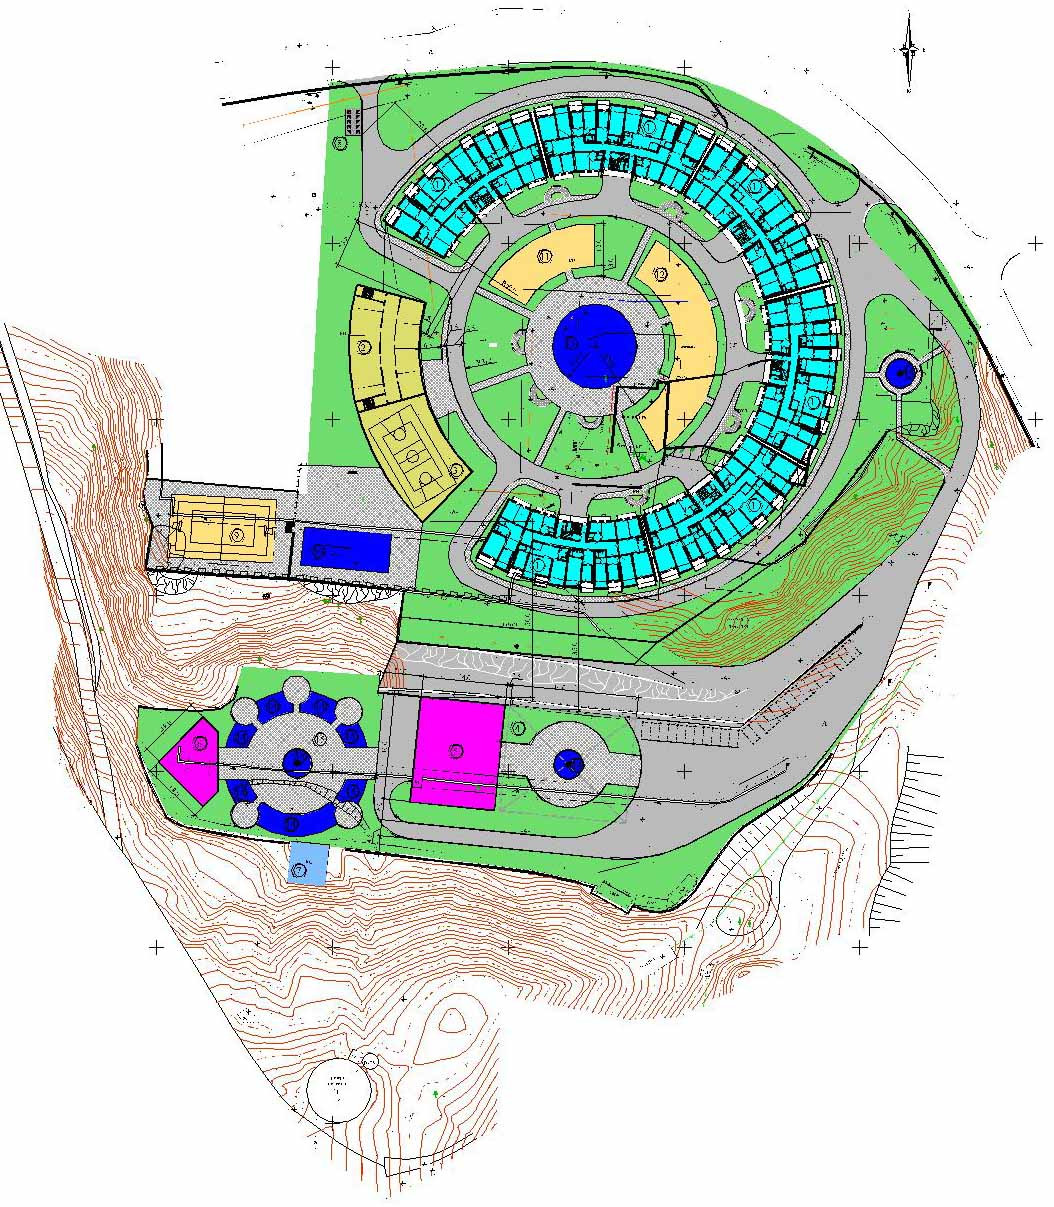 Градостроительный расчет, эскизный проект, проект генплана